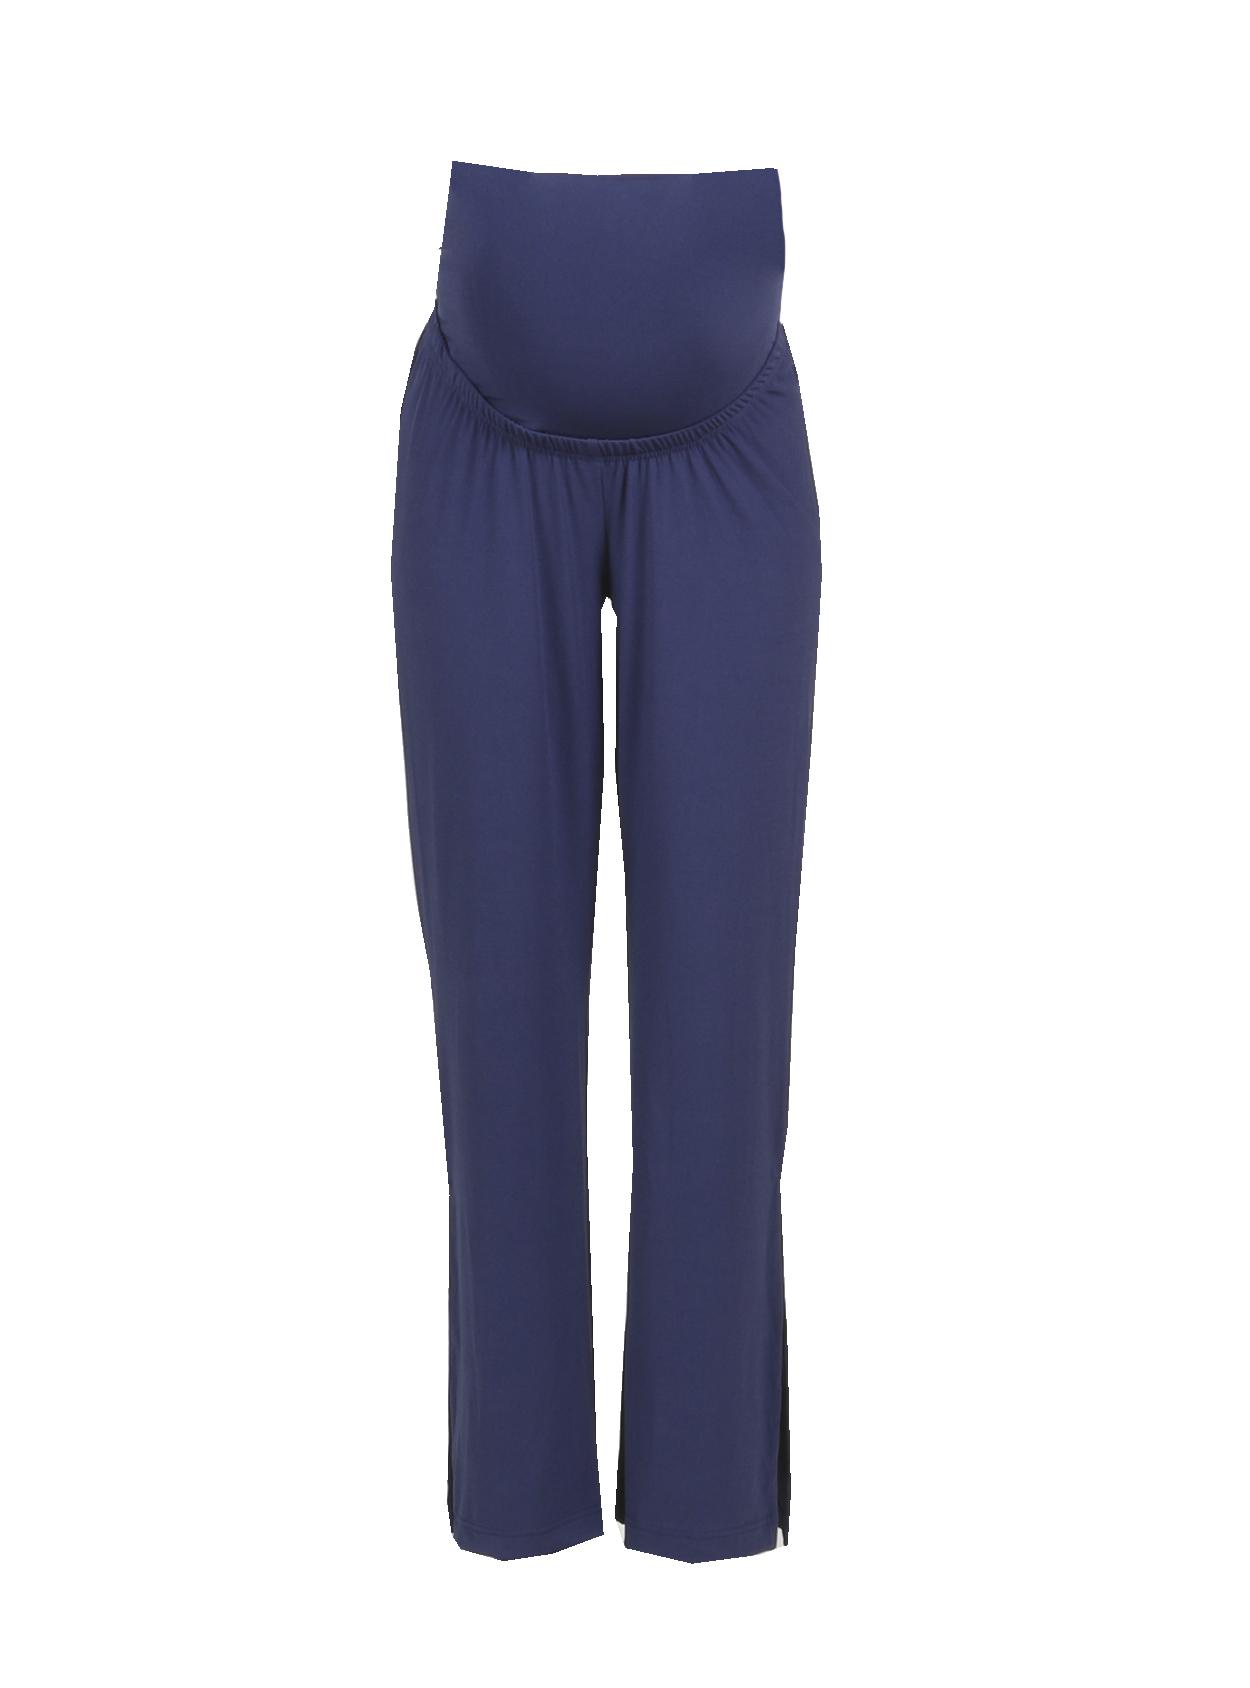 Pantalon ancho de crepe azul marino